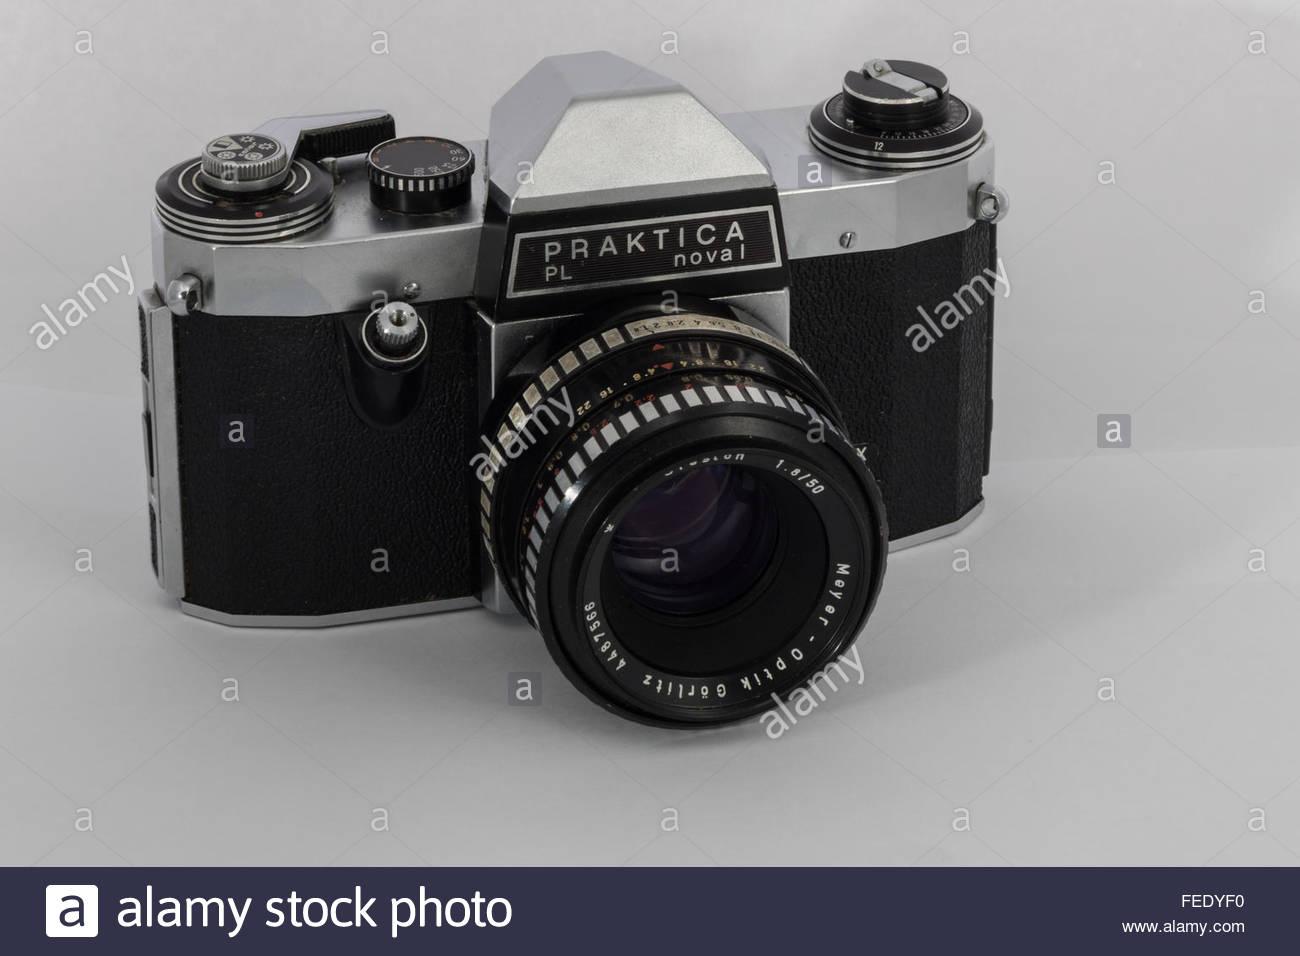 A Praktica Nova 1 a 35mm SLR film camera with a 1.8/50 Meyer-Optik Oreston lens.A 1970's entry-level SLR made - Stock Image